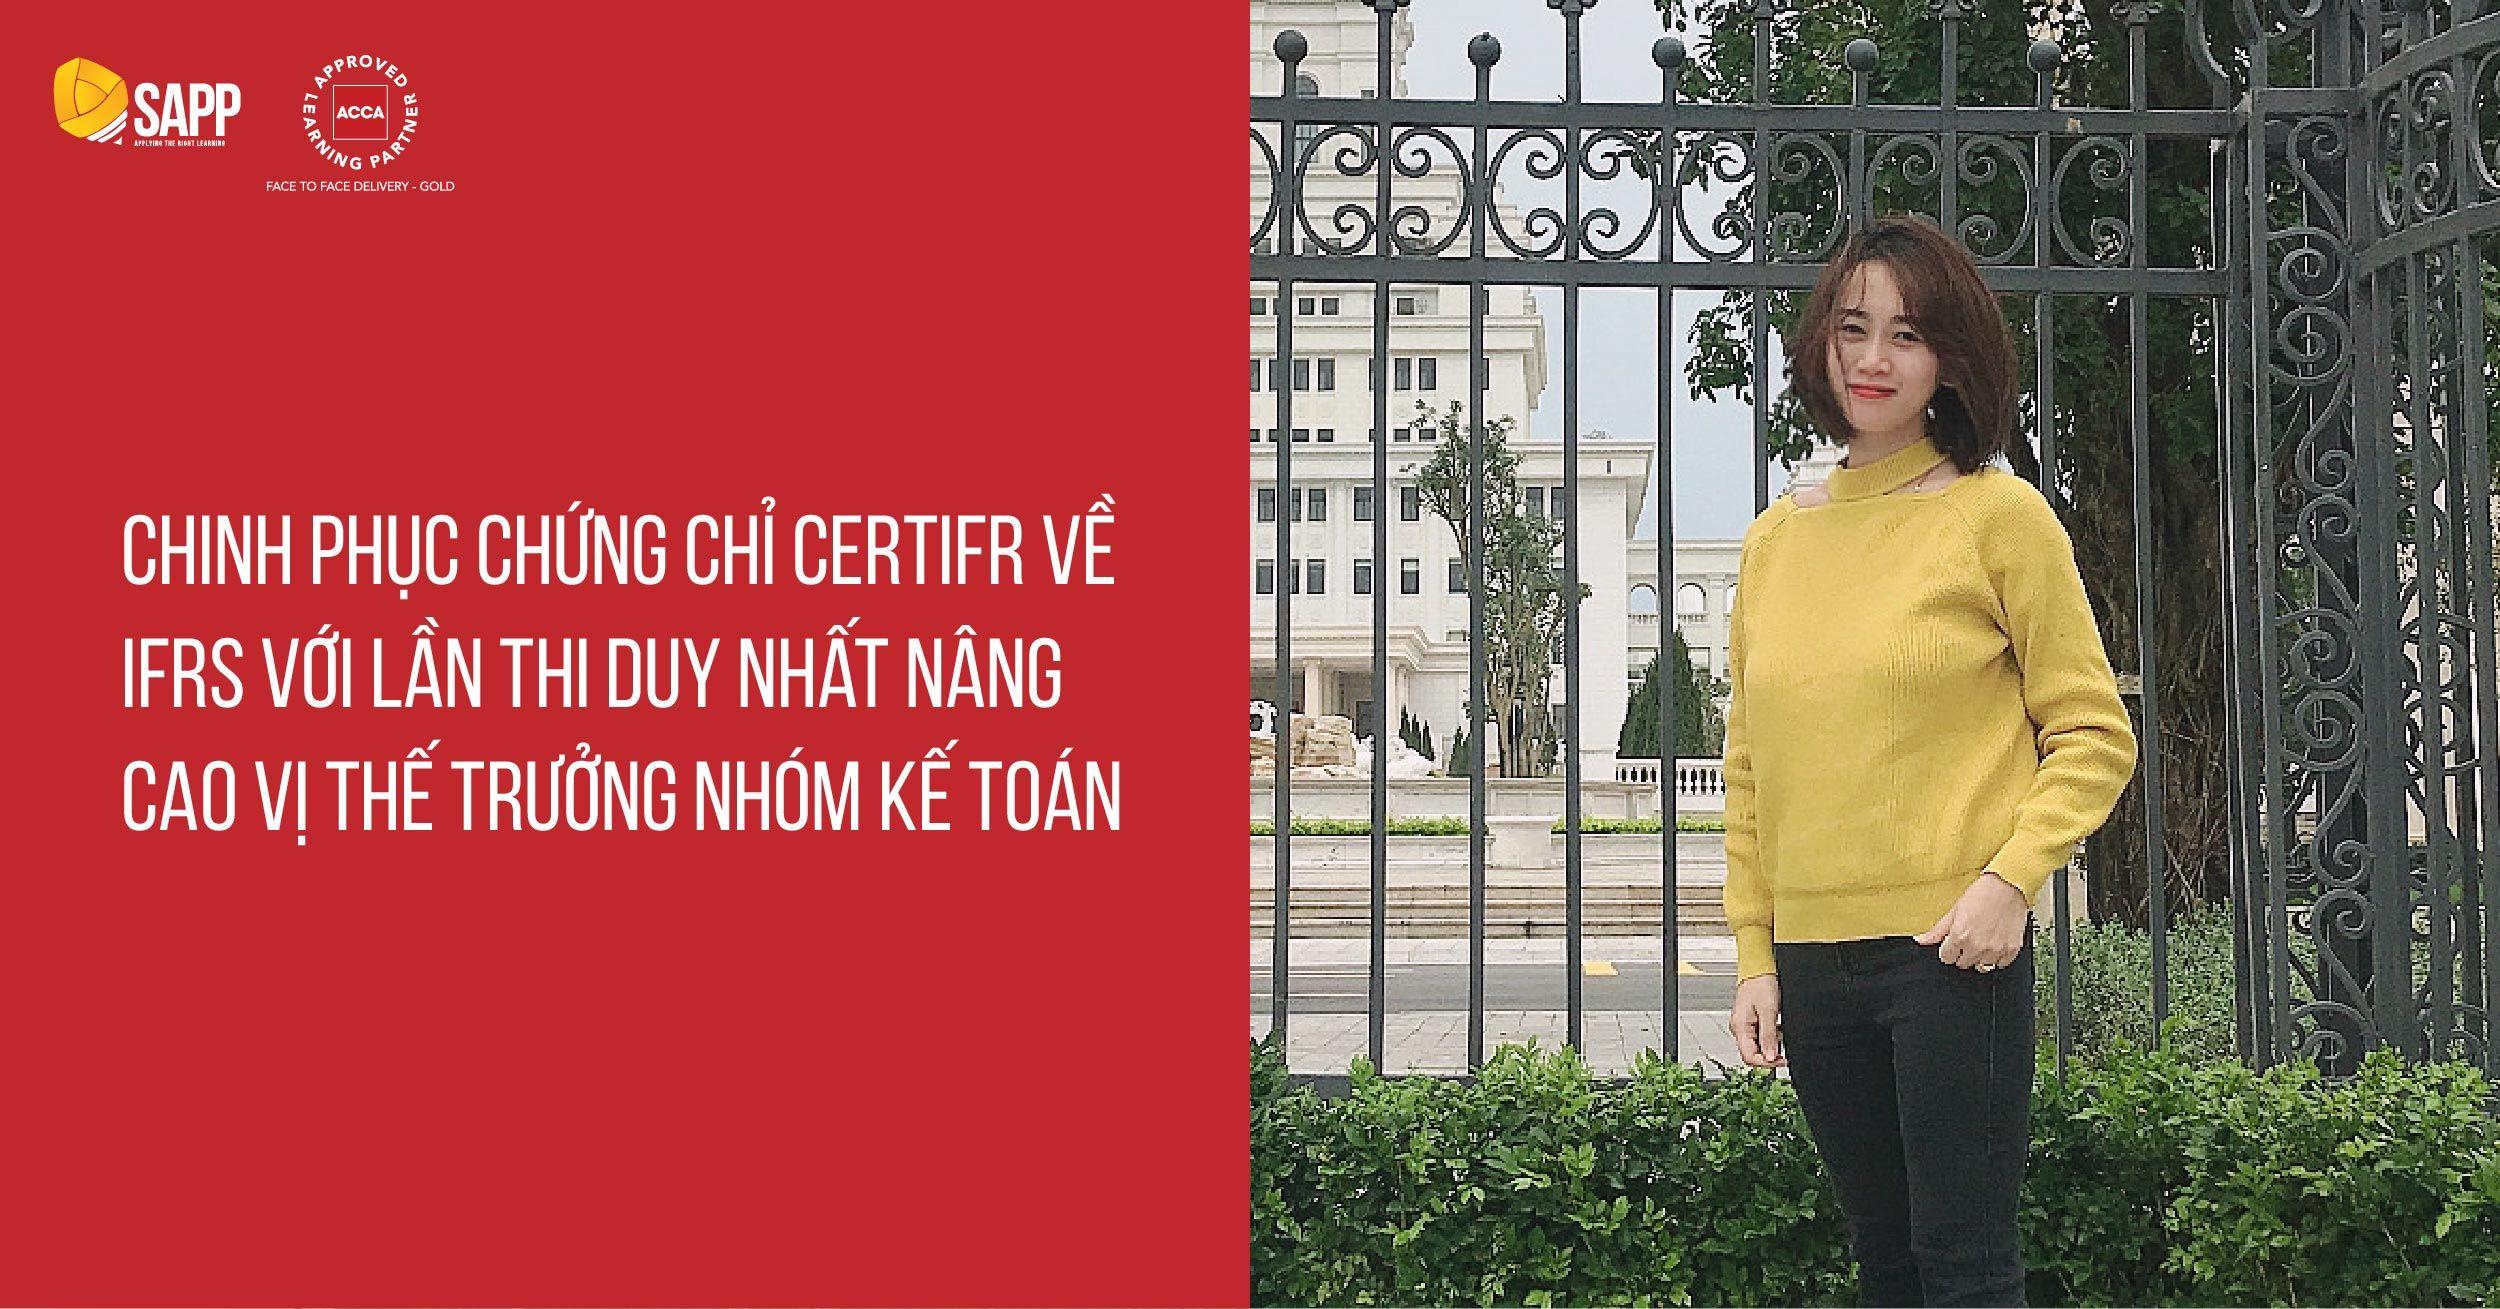 Thi đỗ chứng chỉ CertIFR về IFRS với lần thi duy nhất, trưởng nhóm kế toán Nguyễn Thị Thuý Dung đã làm như thế nào?